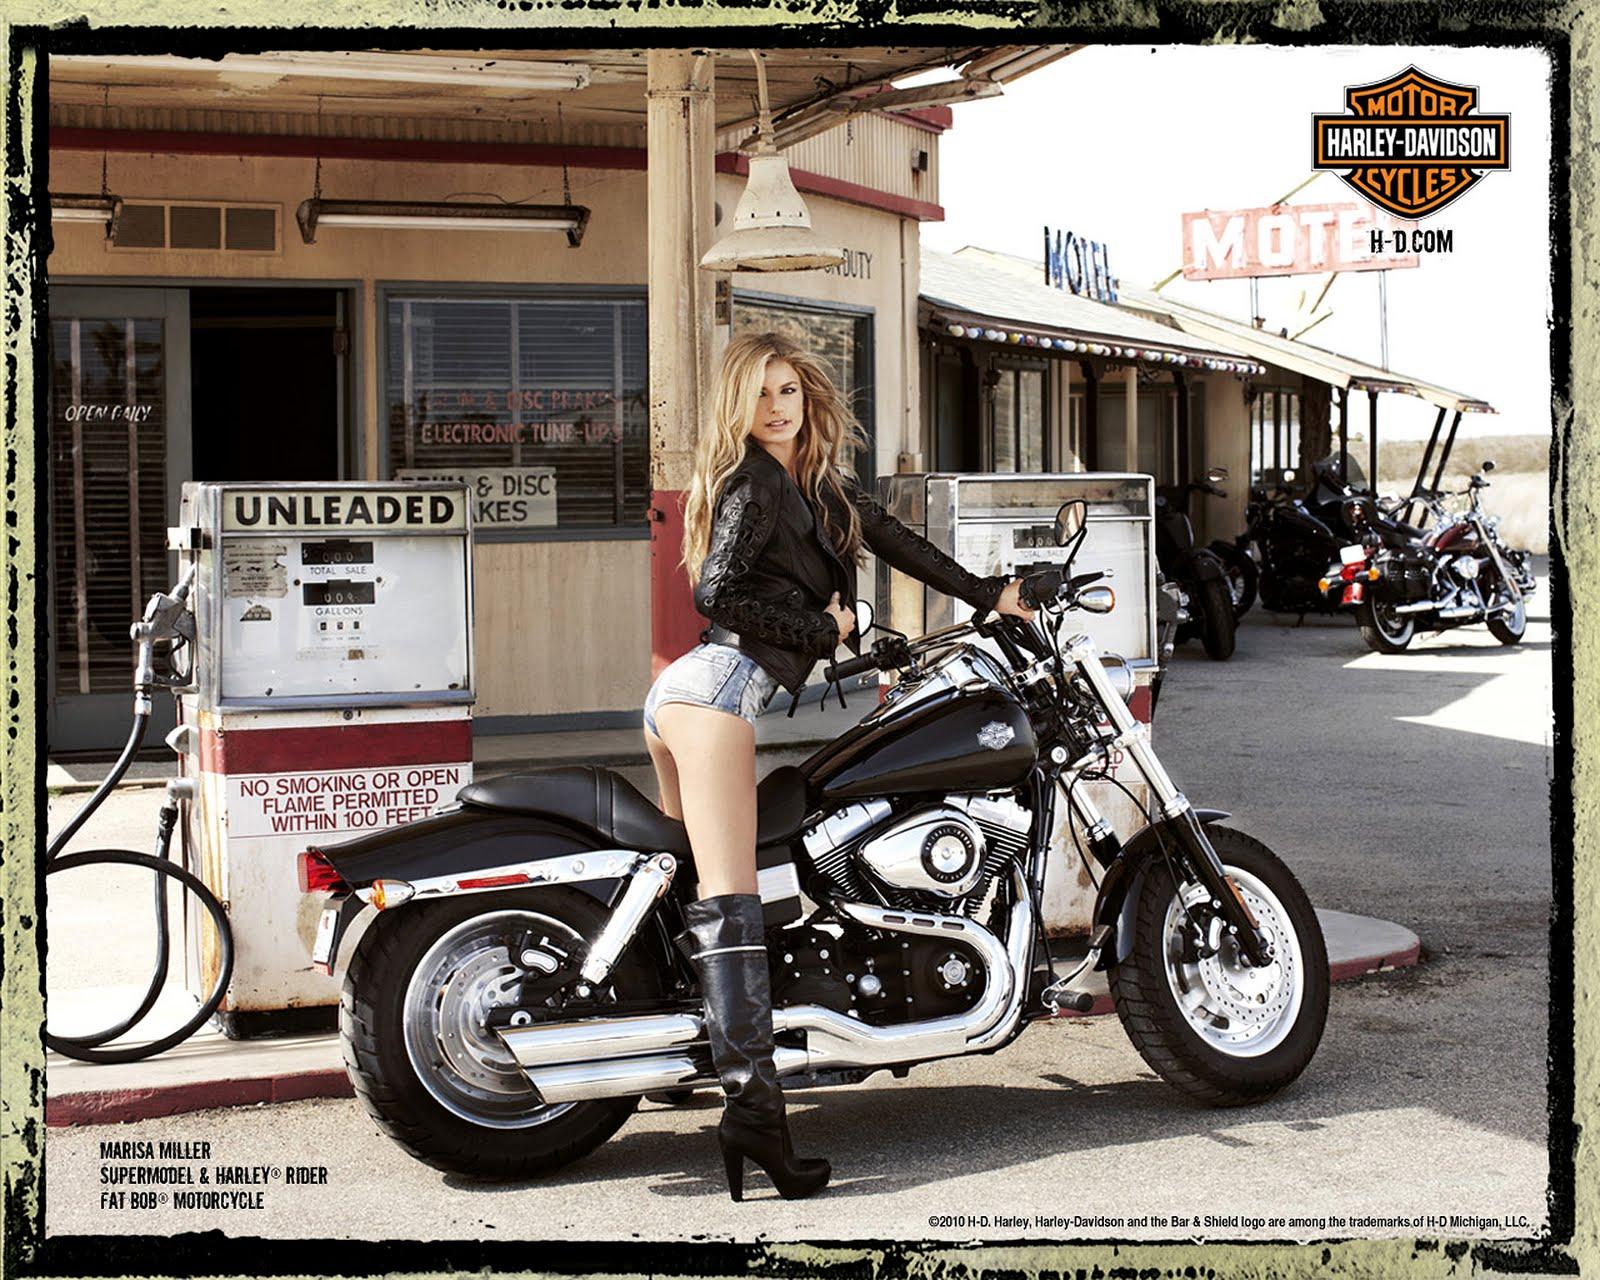 http://2.bp.blogspot.com/_F6LUCsWidhs/S_RRd5coe-I/AAAAAAAAAWo/5ns5UPZbwME/s1600/marisa-miller-biker-06.jpg